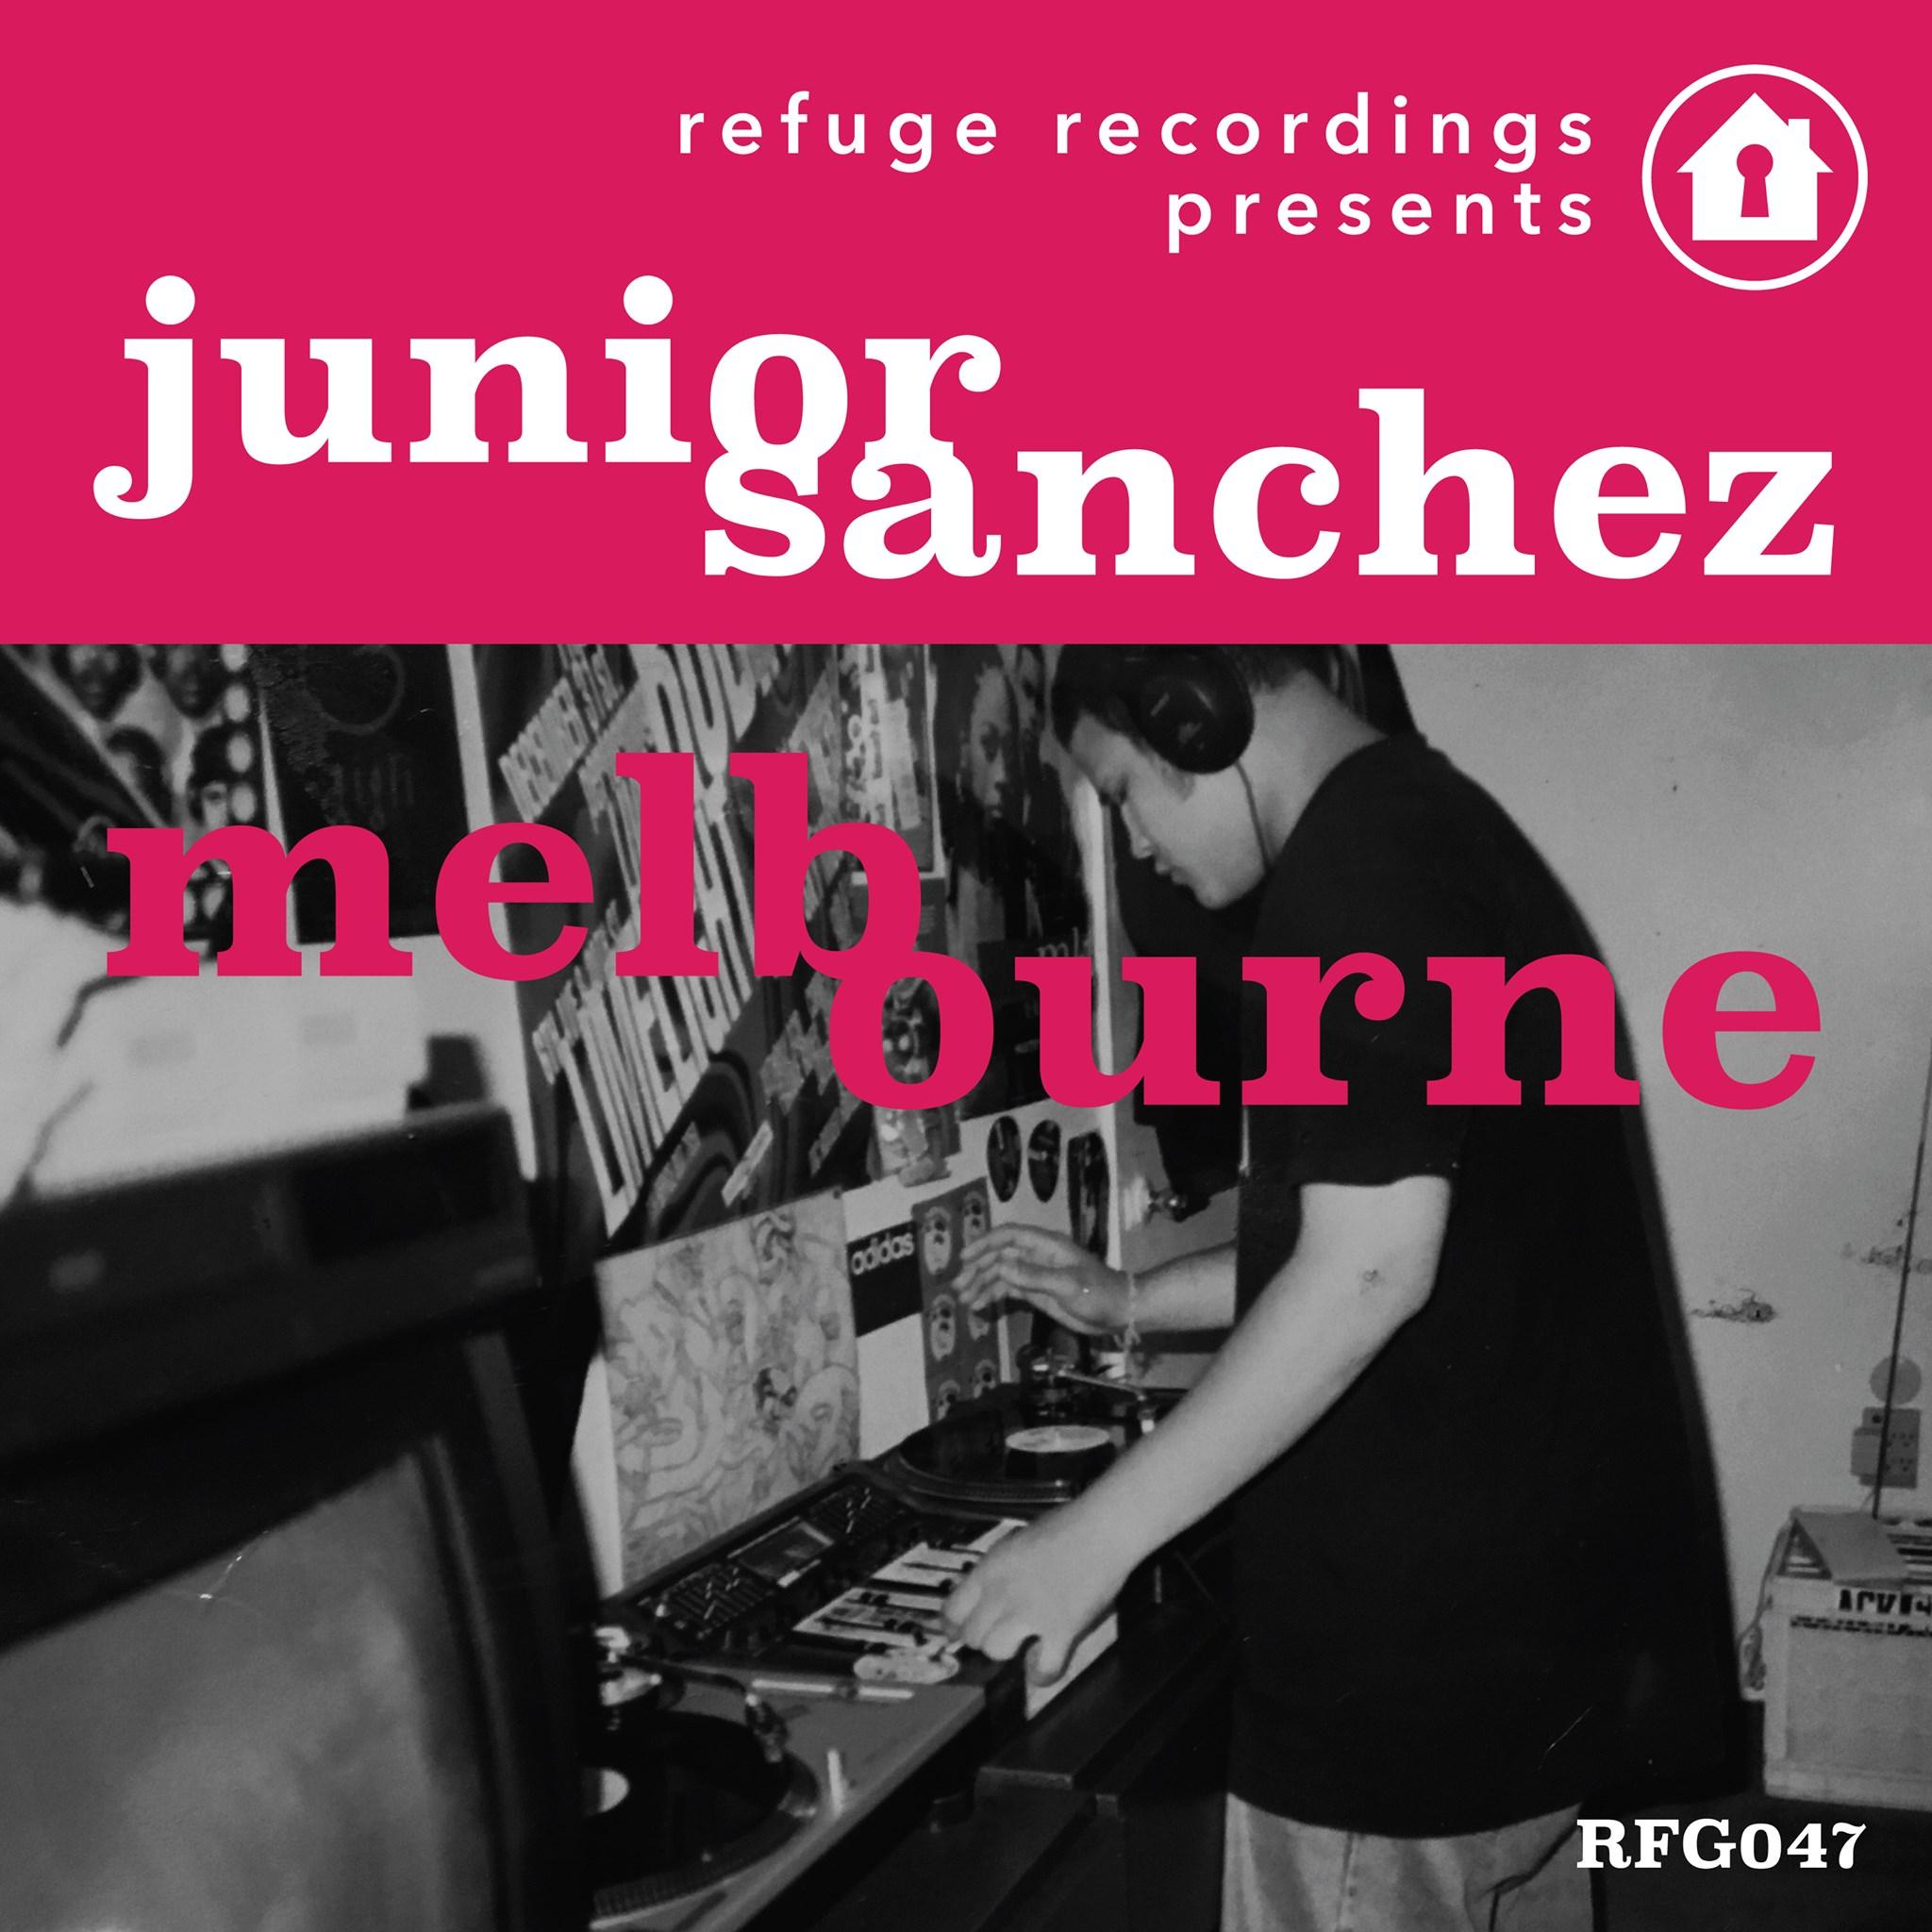 Junior Sanchez - Melbourne